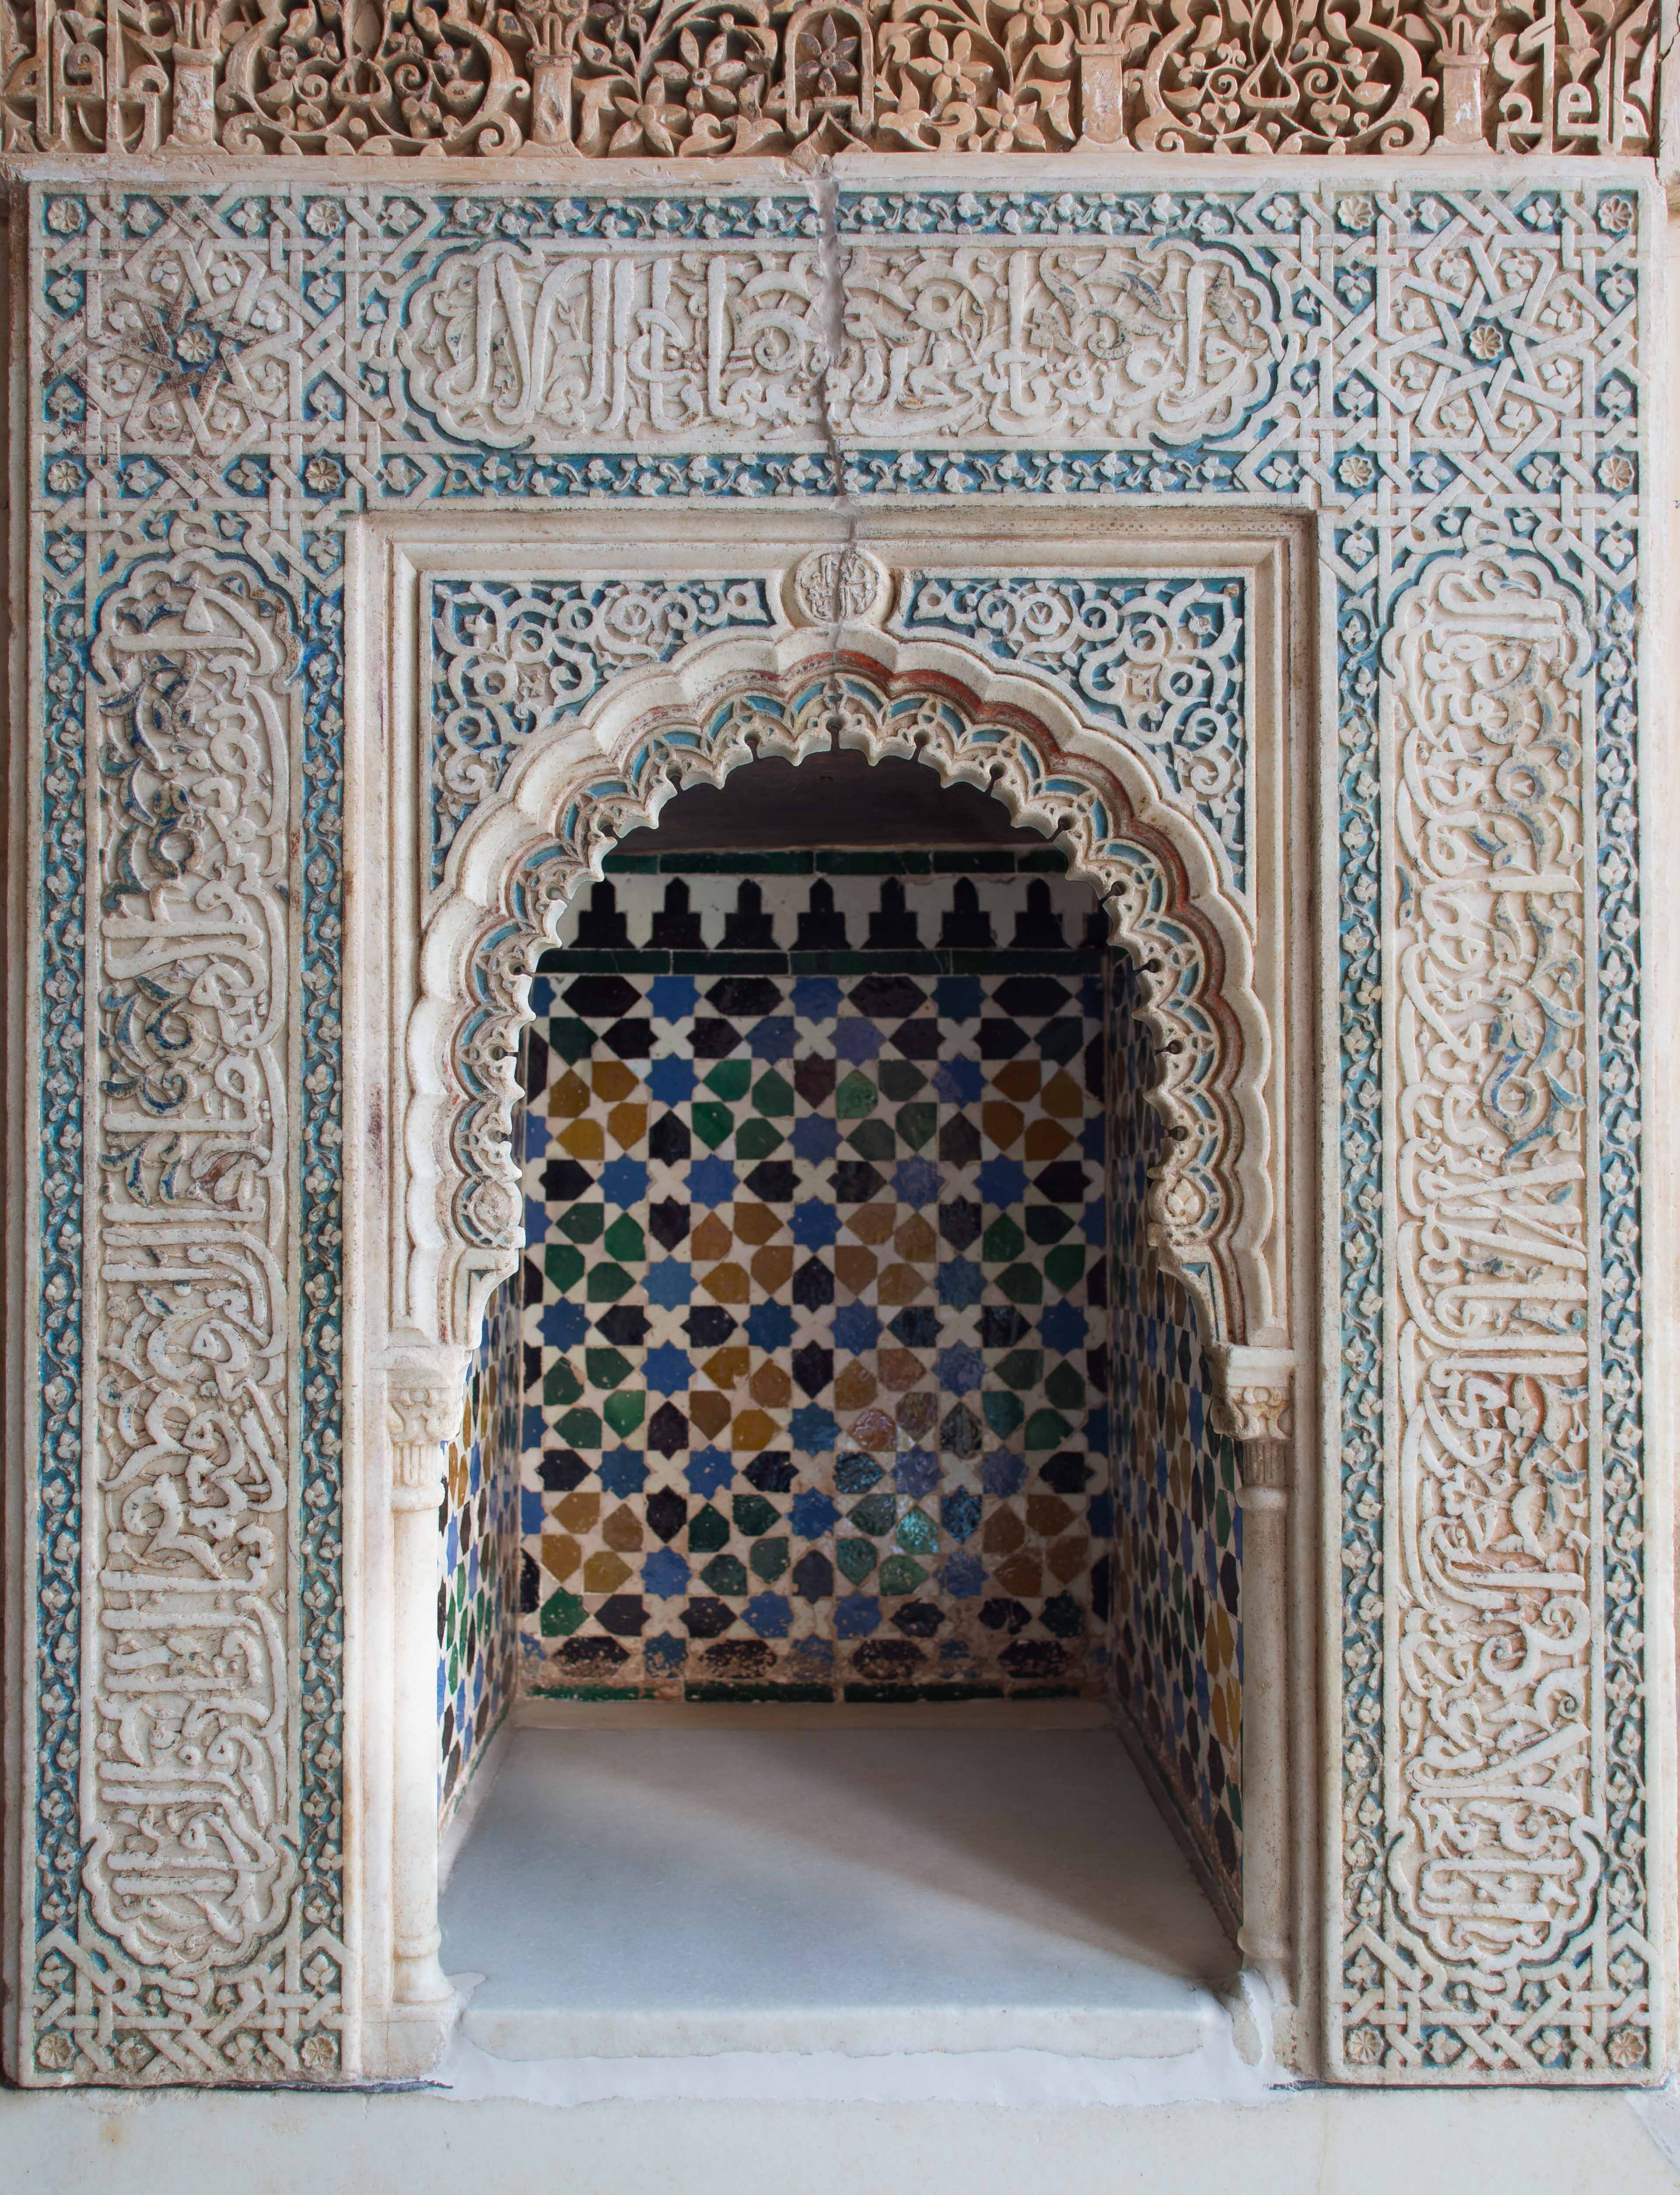 Los Paisajes Culturales, el Patrimonio Mundial y al-Andalus, motivo de reflexión en la Alhambra